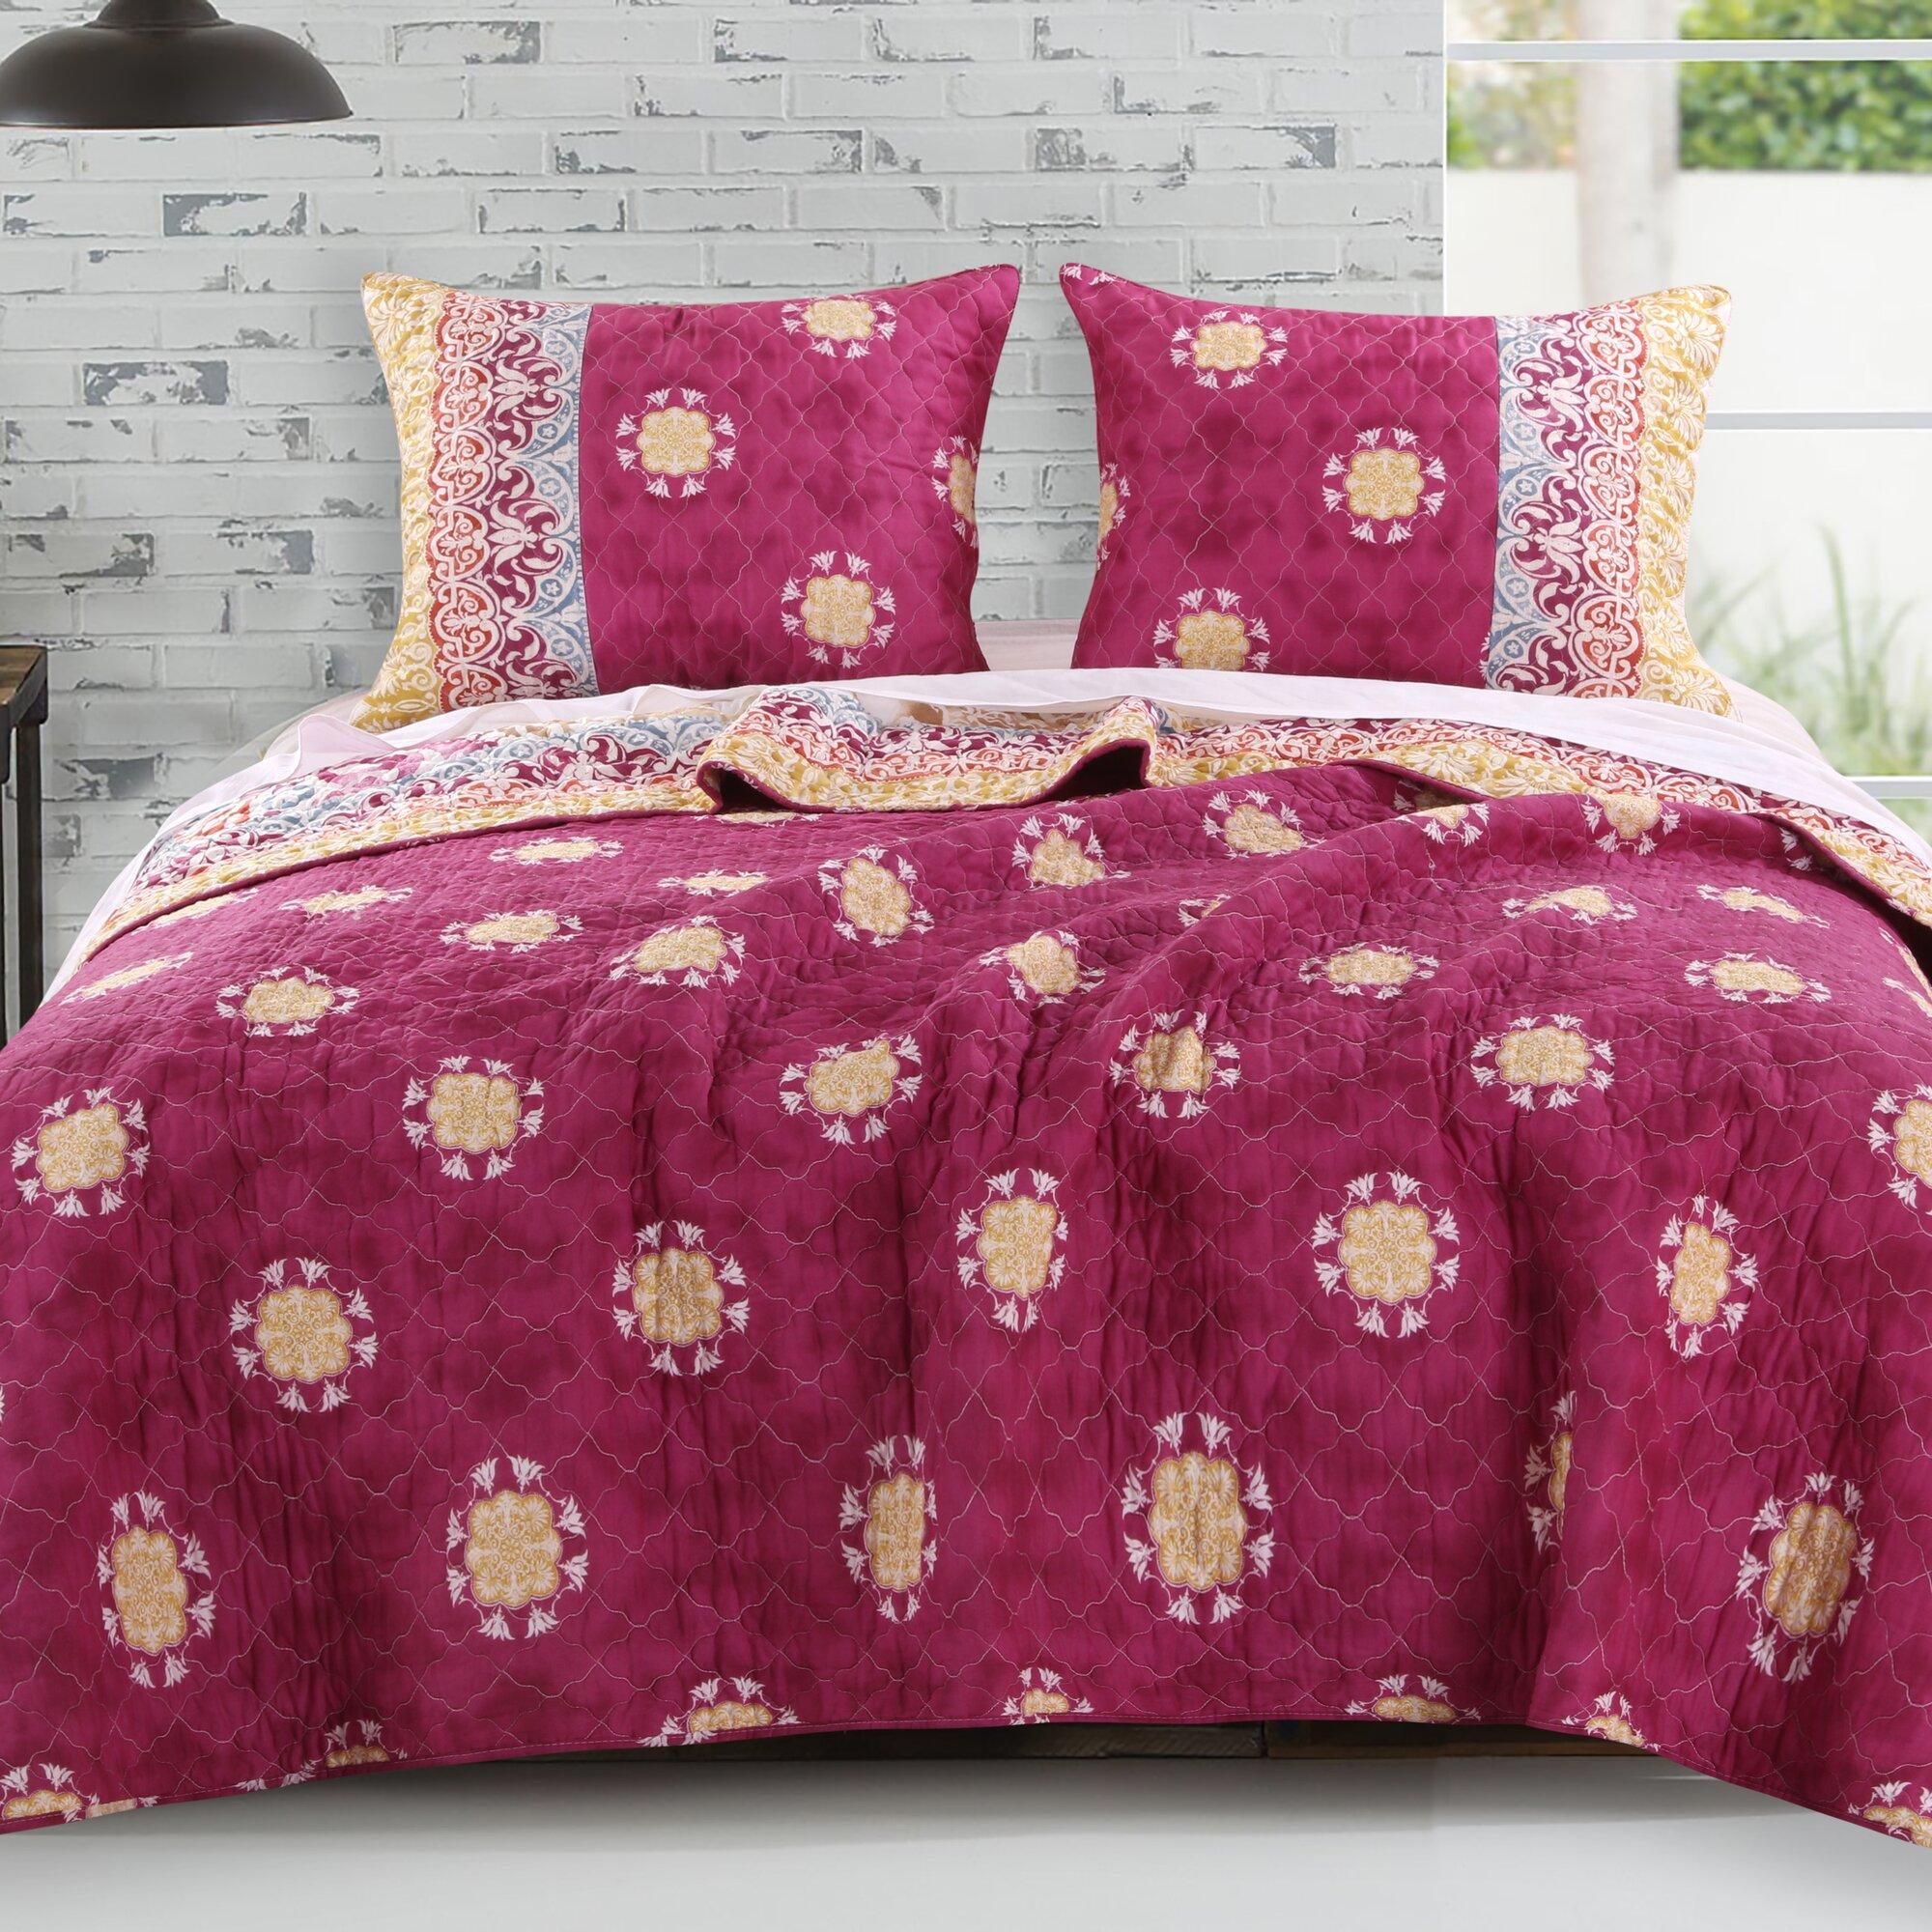 Bed sheet set with quilt - Delphi 3 Piece Reversible Quilt Set